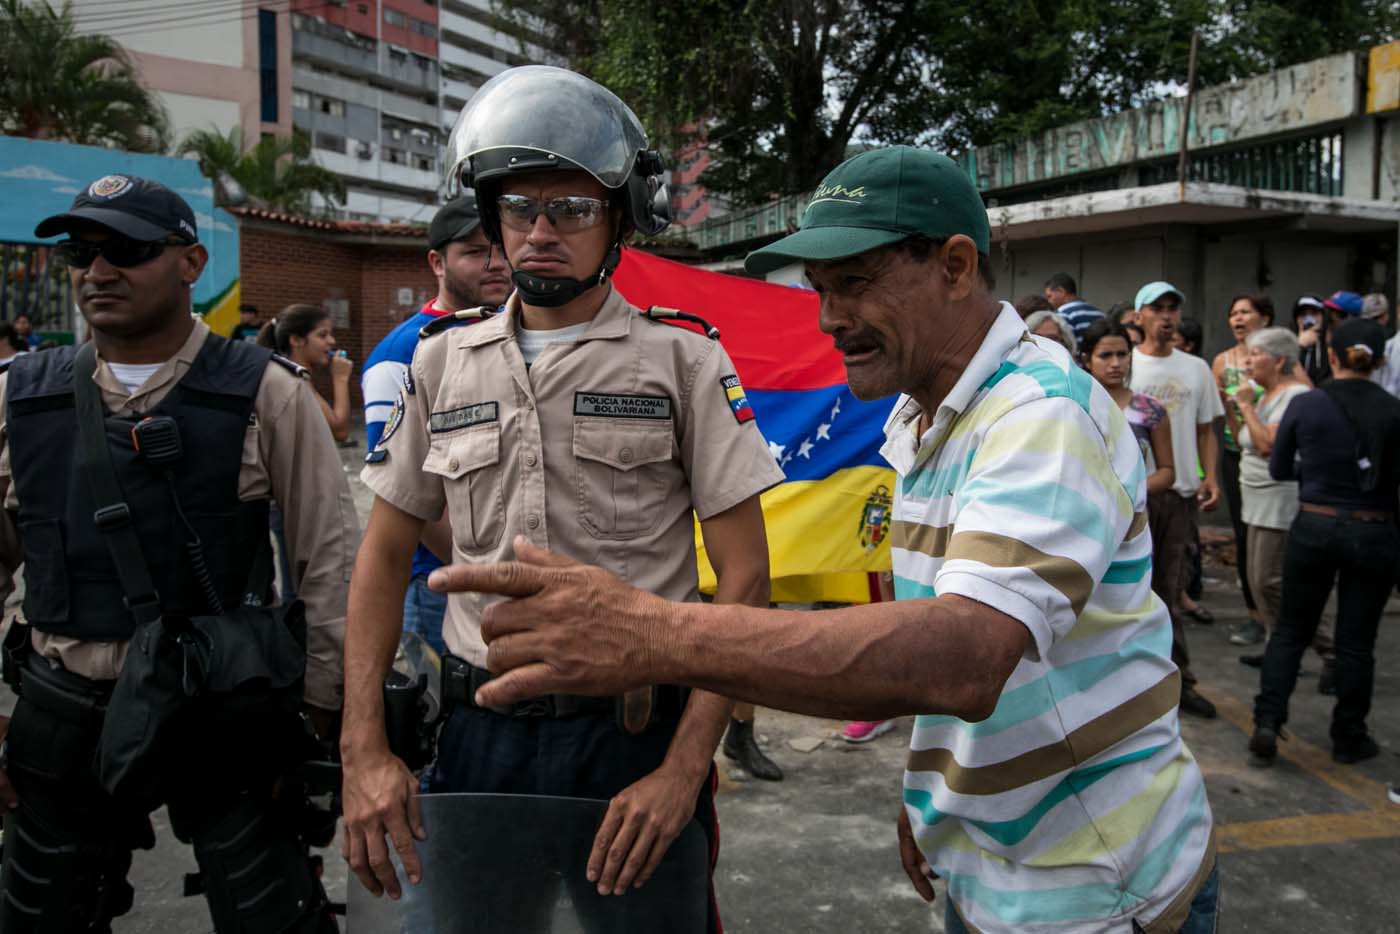 CAR14 - CARACAS (VENEZUELA), 02/06/2017 - Un grupo de personas participa en una manifestación junto a autoridades hoy, viernes 02 de junio de 2017, en Caracas (Venezuela). Los habitantes del populoso barrio de La Vega, ubicado en el oeste de Caracas, madrugaron hoy para protestar por la escasez de alimentos, mientras que las calles aledañas al canal estatal VTV en el este de la ciudad fueron cerradas por organismos de seguridad para evitar la llegada de manifestantes. EFE/MIGUEL GUTIÉRREZ